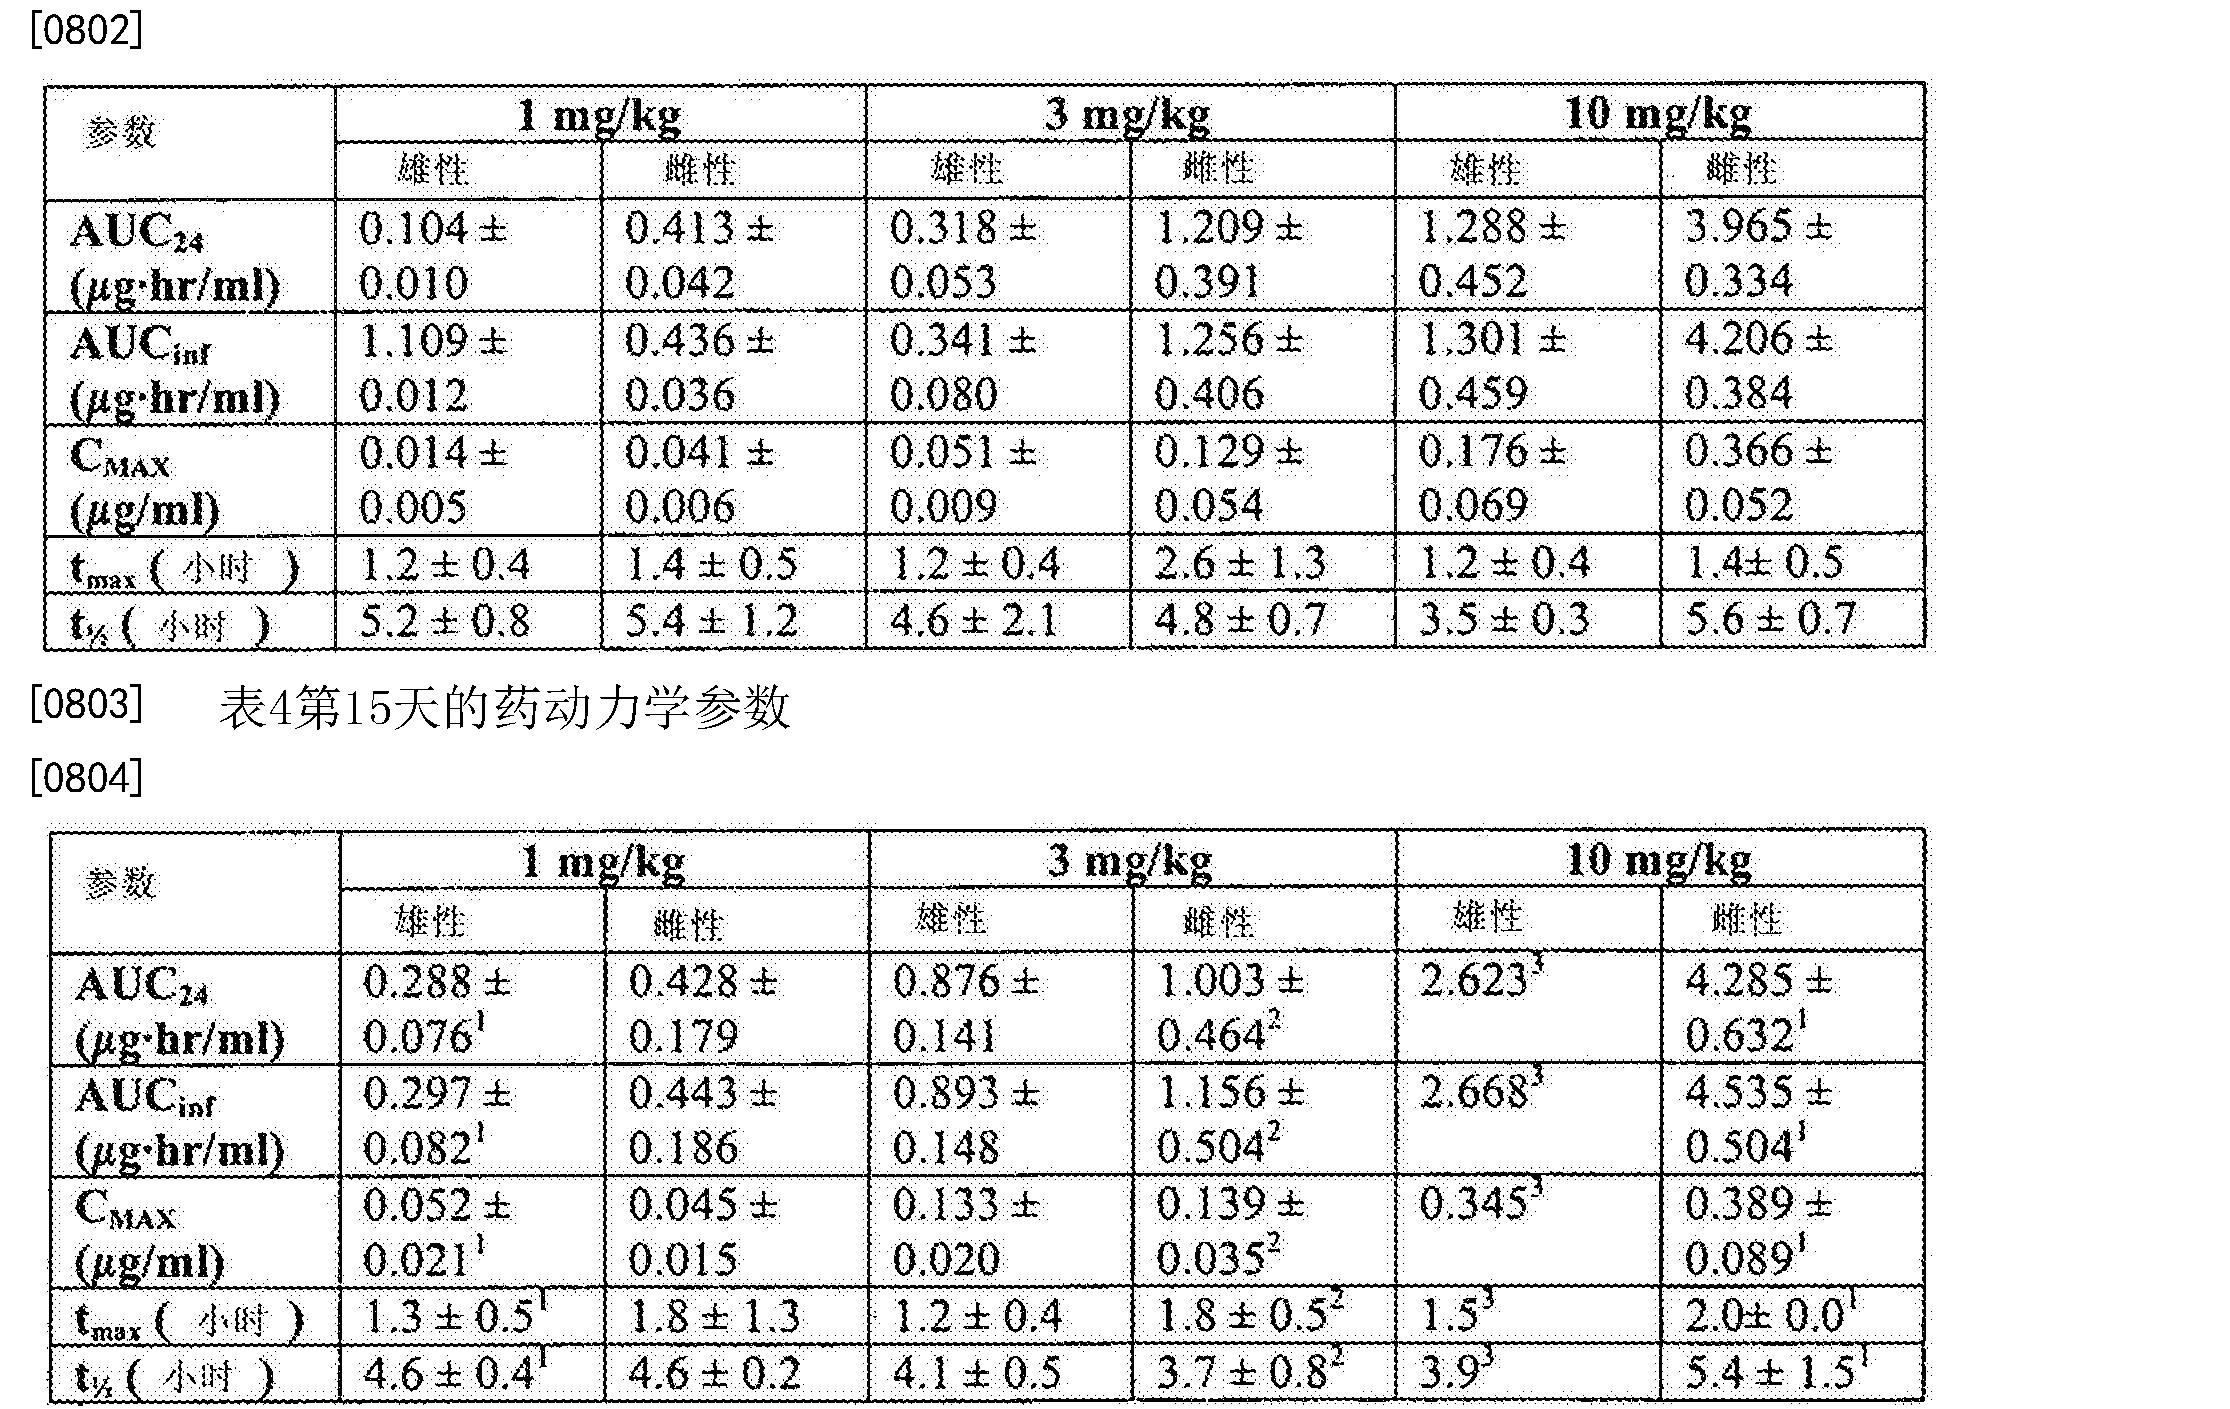 CN104188971B - Selective androgen receptor modulators (SARMs